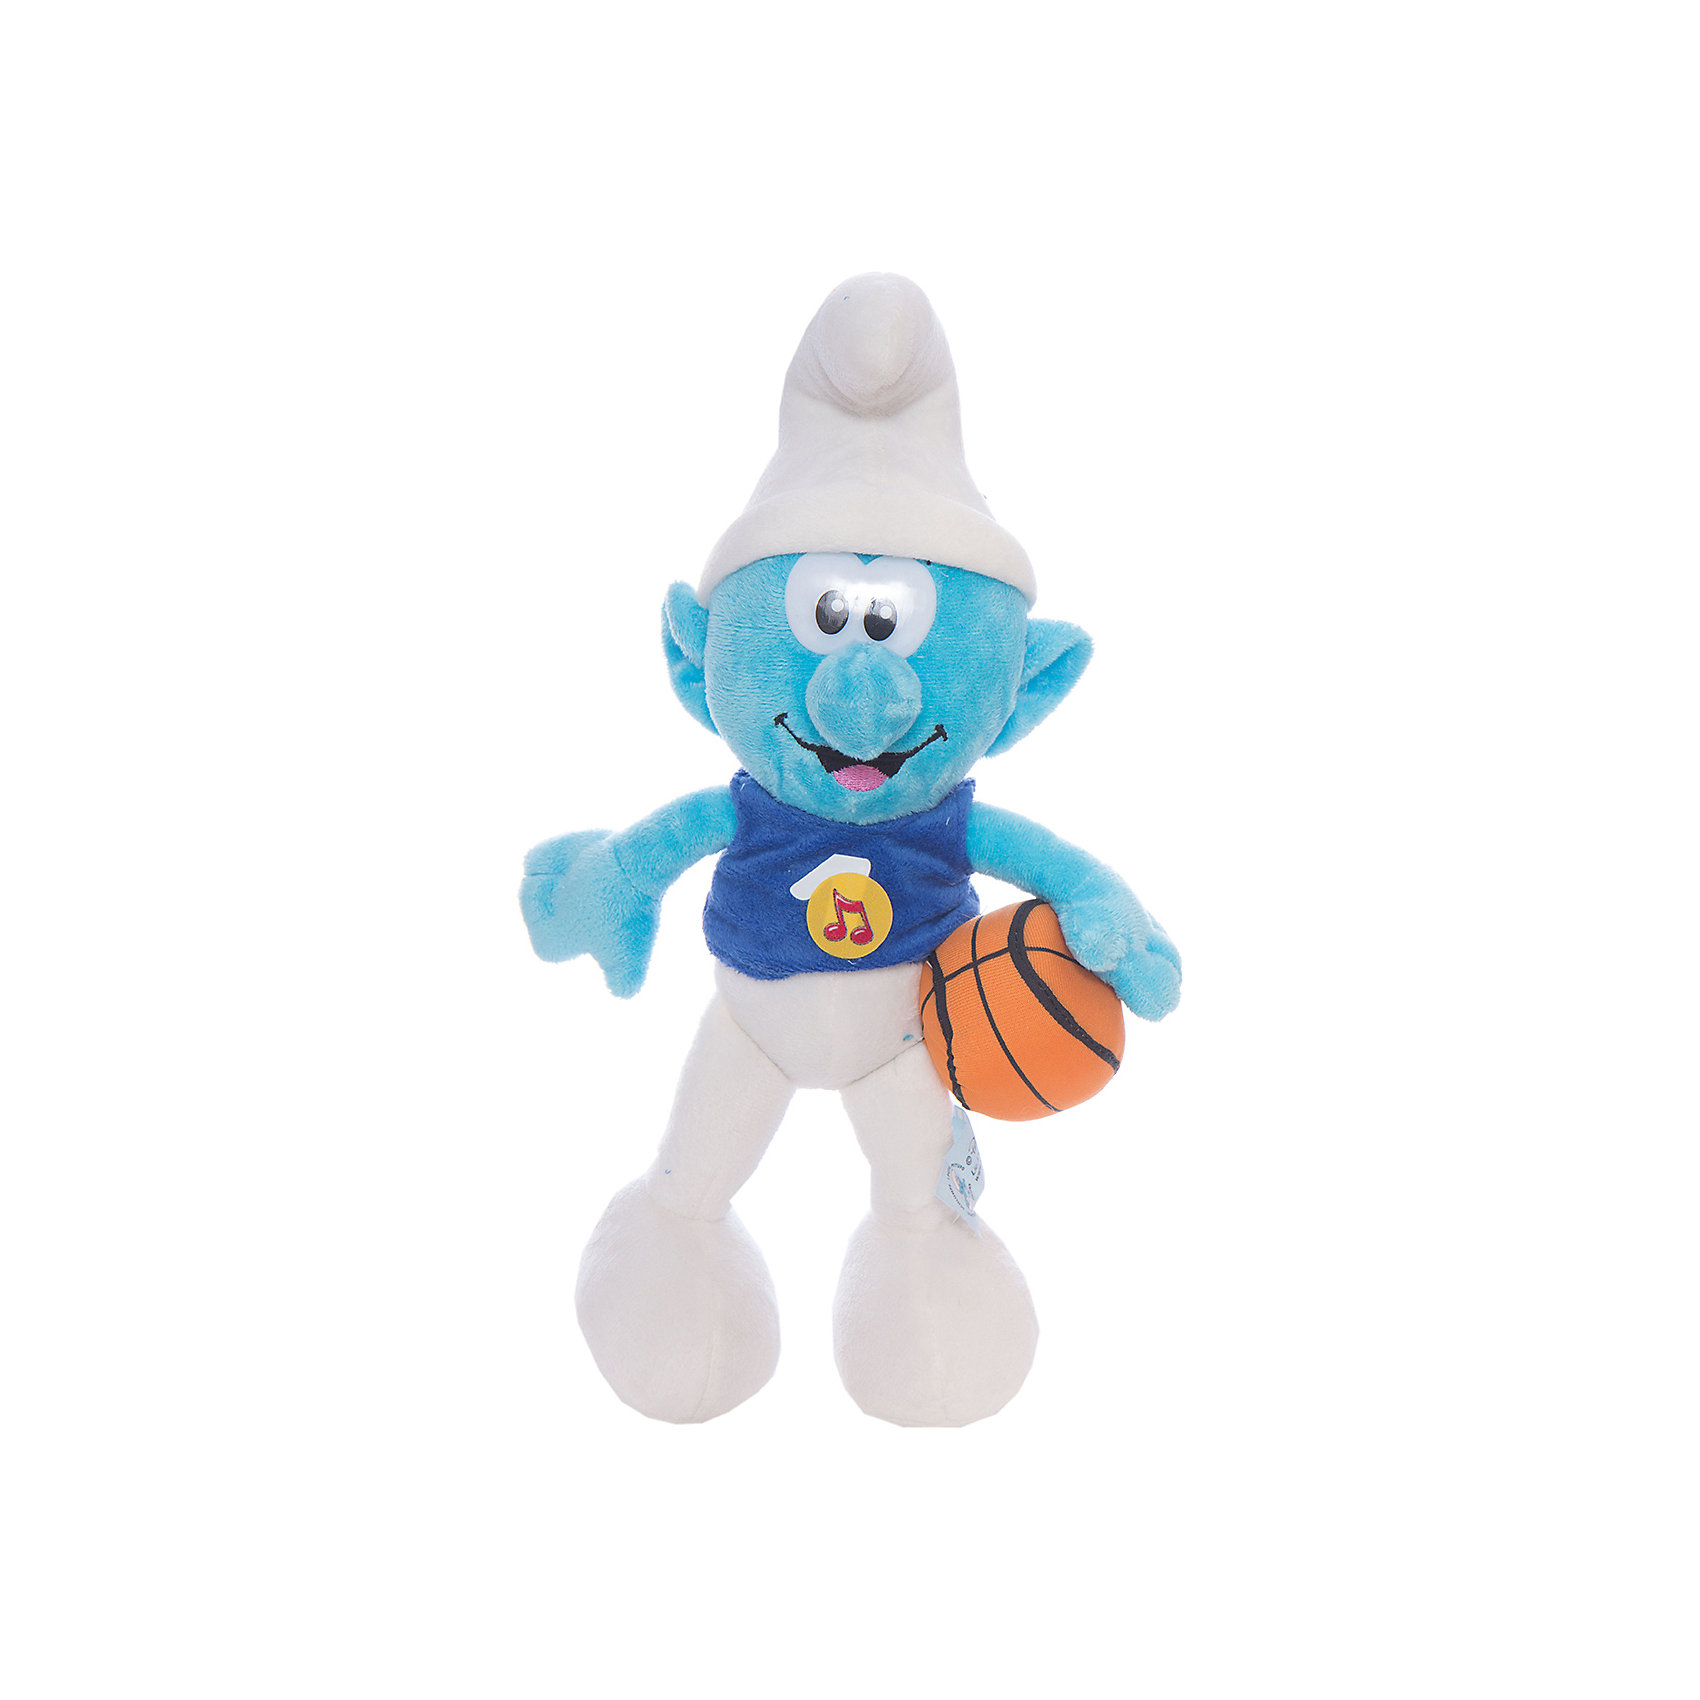 Мягкая игрушка  Смурф, со звуком, 26 см, Смурфики, МУЛЬТИ-ПУЛЬТИЛюбимые герои<br>Дети обожают Смурфиков - маленьких синих созданий из одноименного мультфильма. Мягкая игрушка способна воспроизводить 10 фраз.<br><br>Дополнительная информация:<br><br>- материал: текстиль.<br>- высота игрушки: 26 см<br><br>Мягкую игрушку  Смурф, со звуком, 26 см, Смурфики, МУЛЬТИ-ПУЛЬТИ можно купить в нашем магазине.<br><br>Ширина мм: 156<br>Глубина мм: 156<br>Высота мм: 260<br>Вес г: 63<br>Возраст от месяцев: 18<br>Возраст до месяцев: 144<br>Пол: Унисекс<br>Возраст: Детский<br>SKU: 3143929